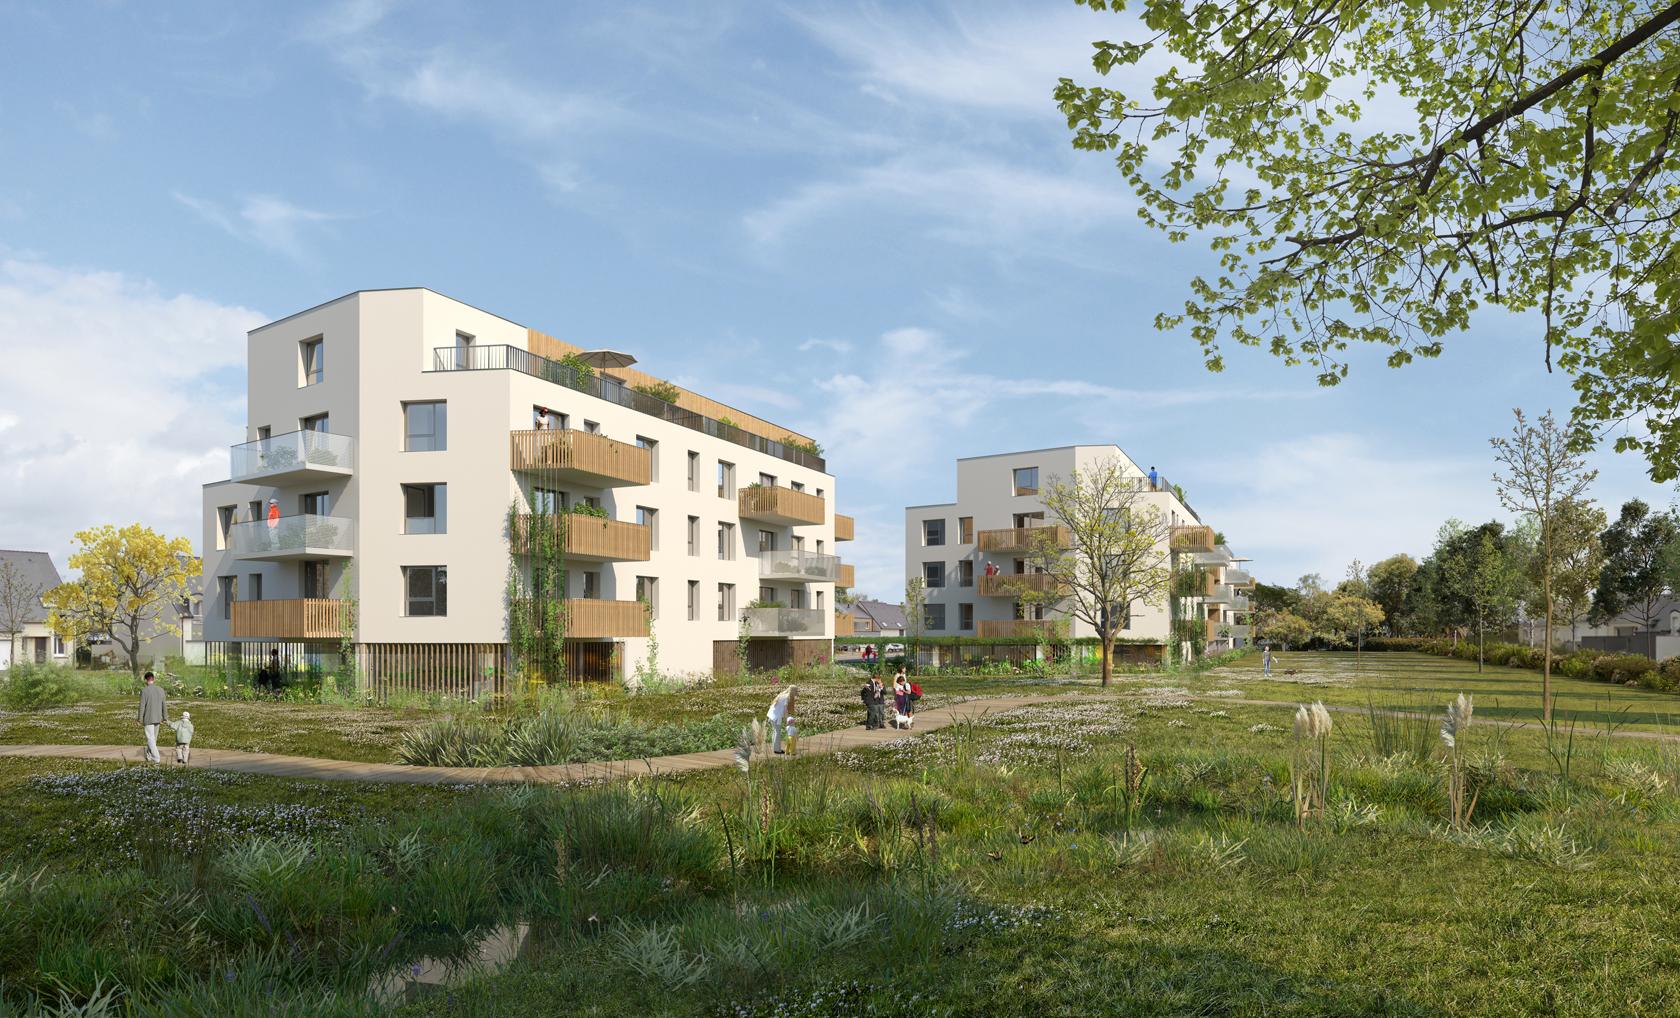 Agence Johanne San - Architecture & Urbanisme - Îlot 15, ZAC de la Quantinière - Conception réalisation de 63 logements à Trélazé